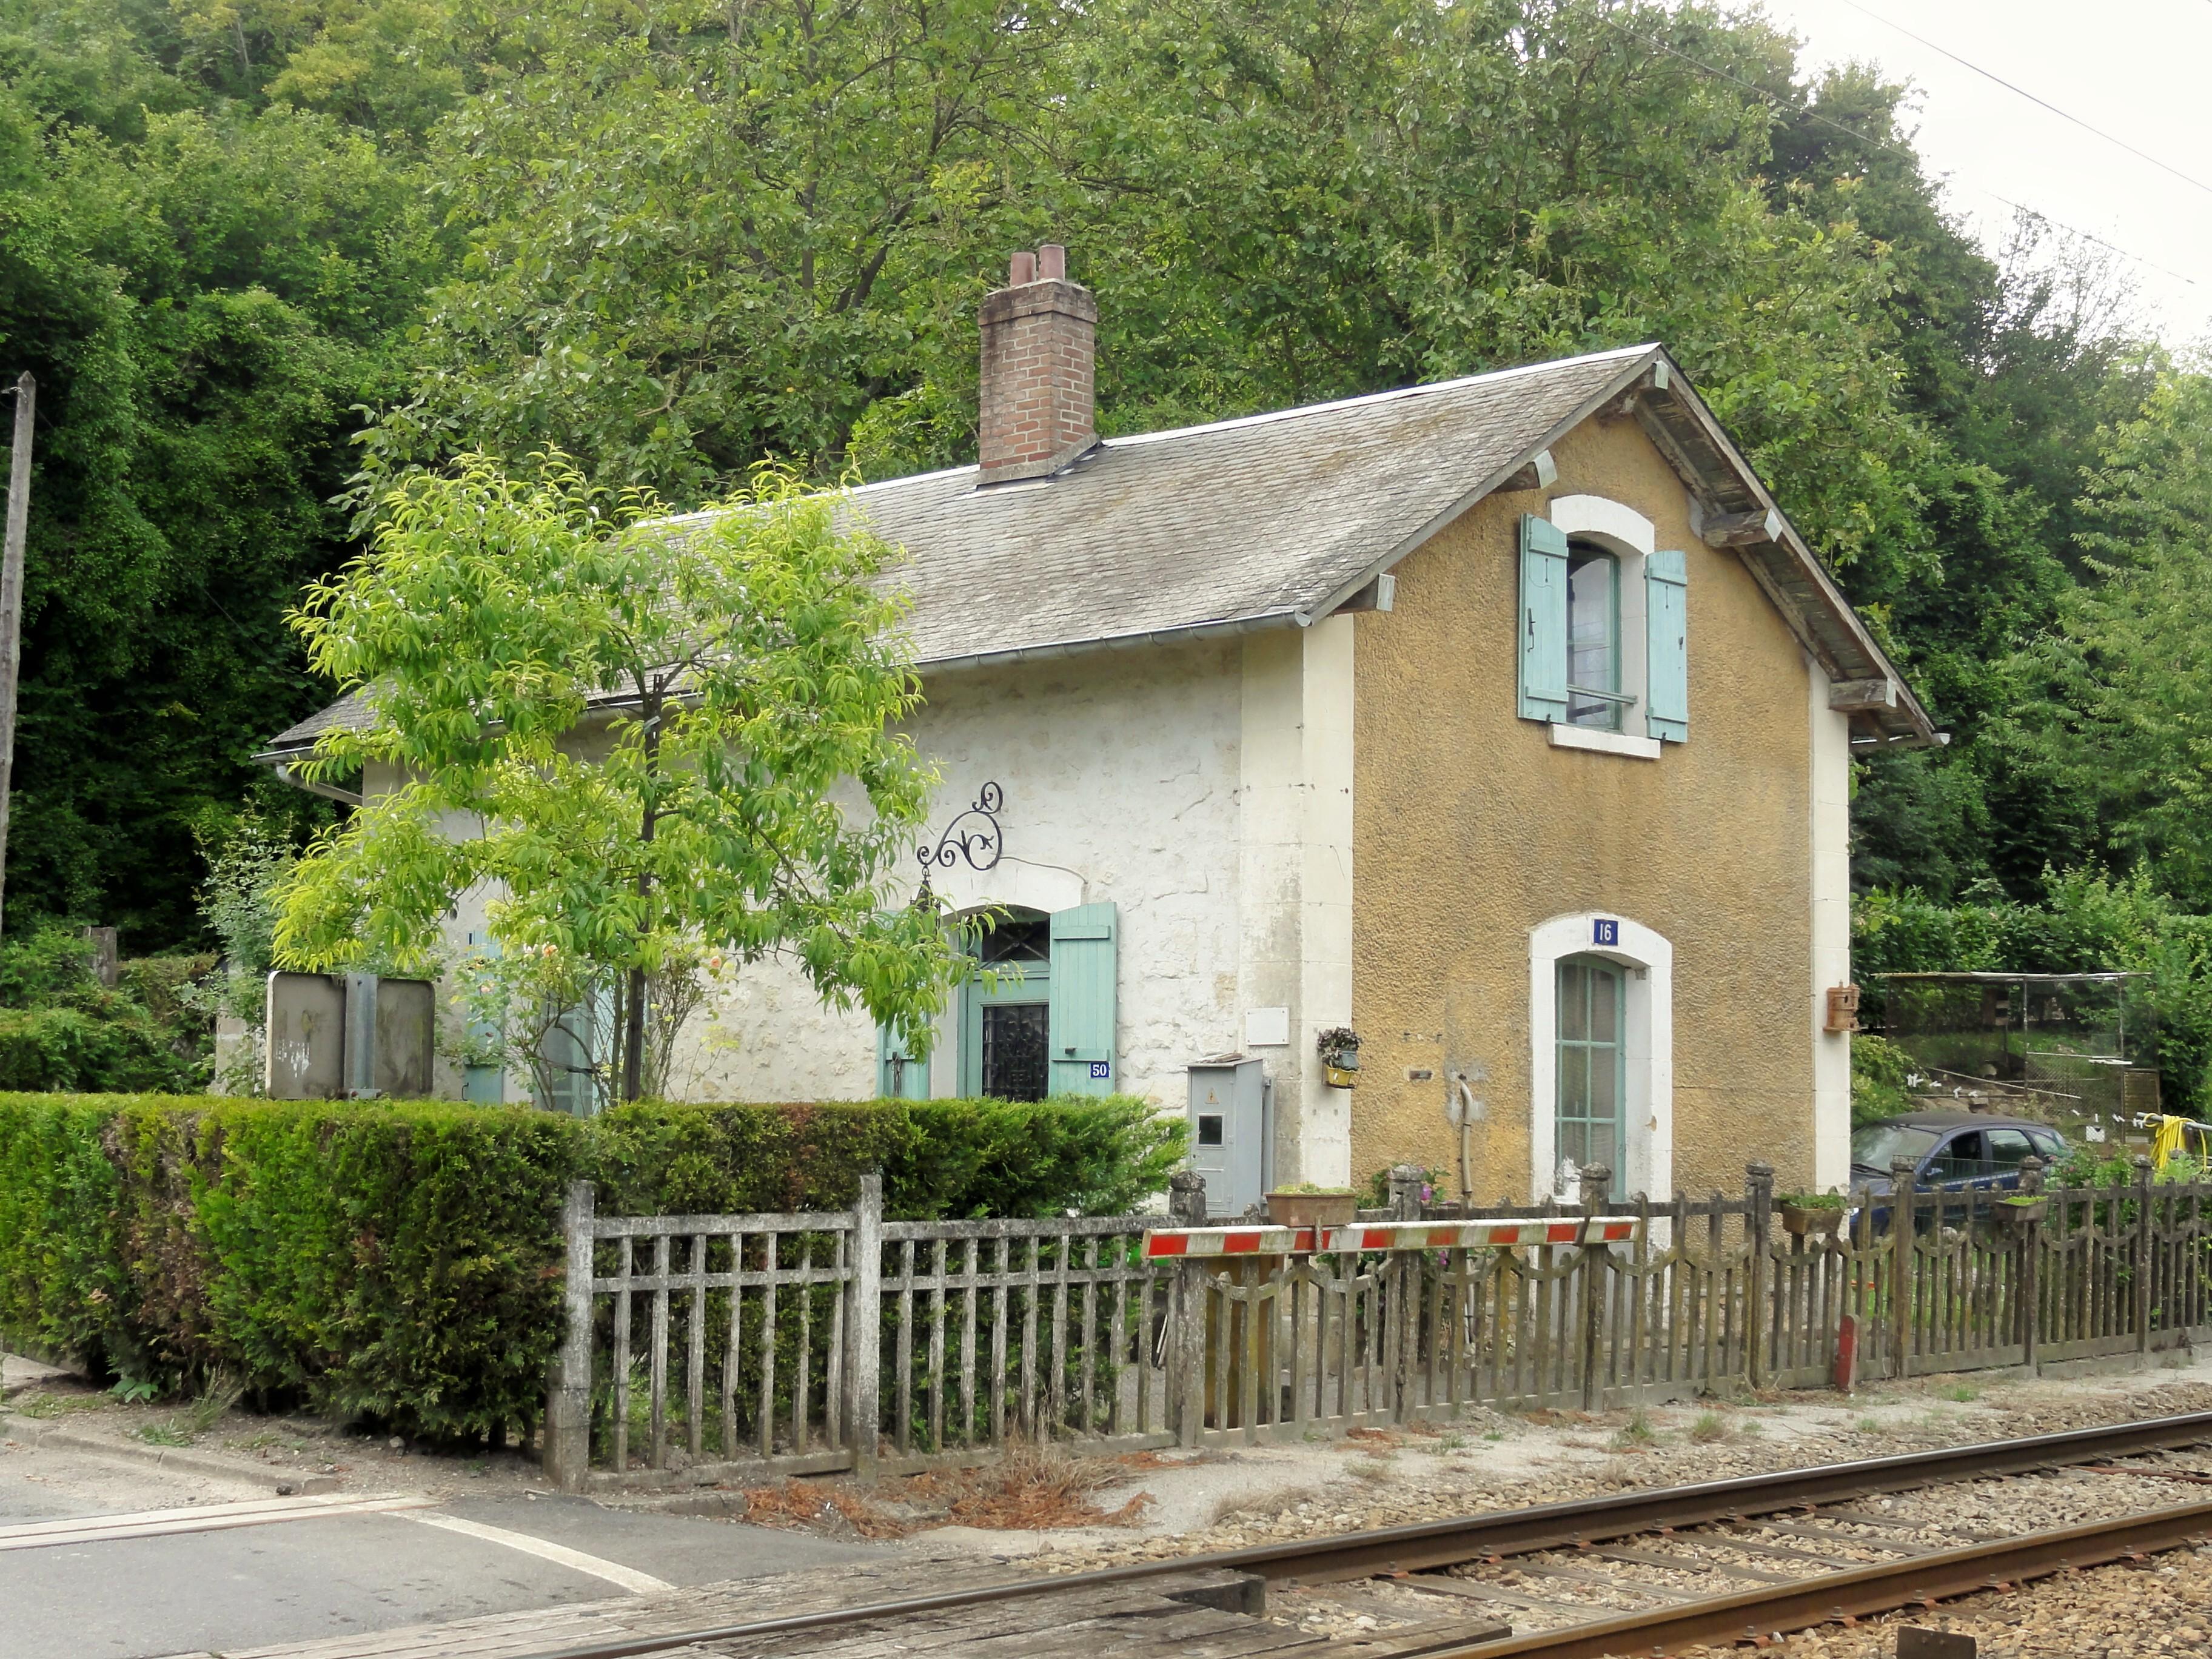 Barriere Maison file:brignancourt (95), maison de garde-barrière, rue de la viosne